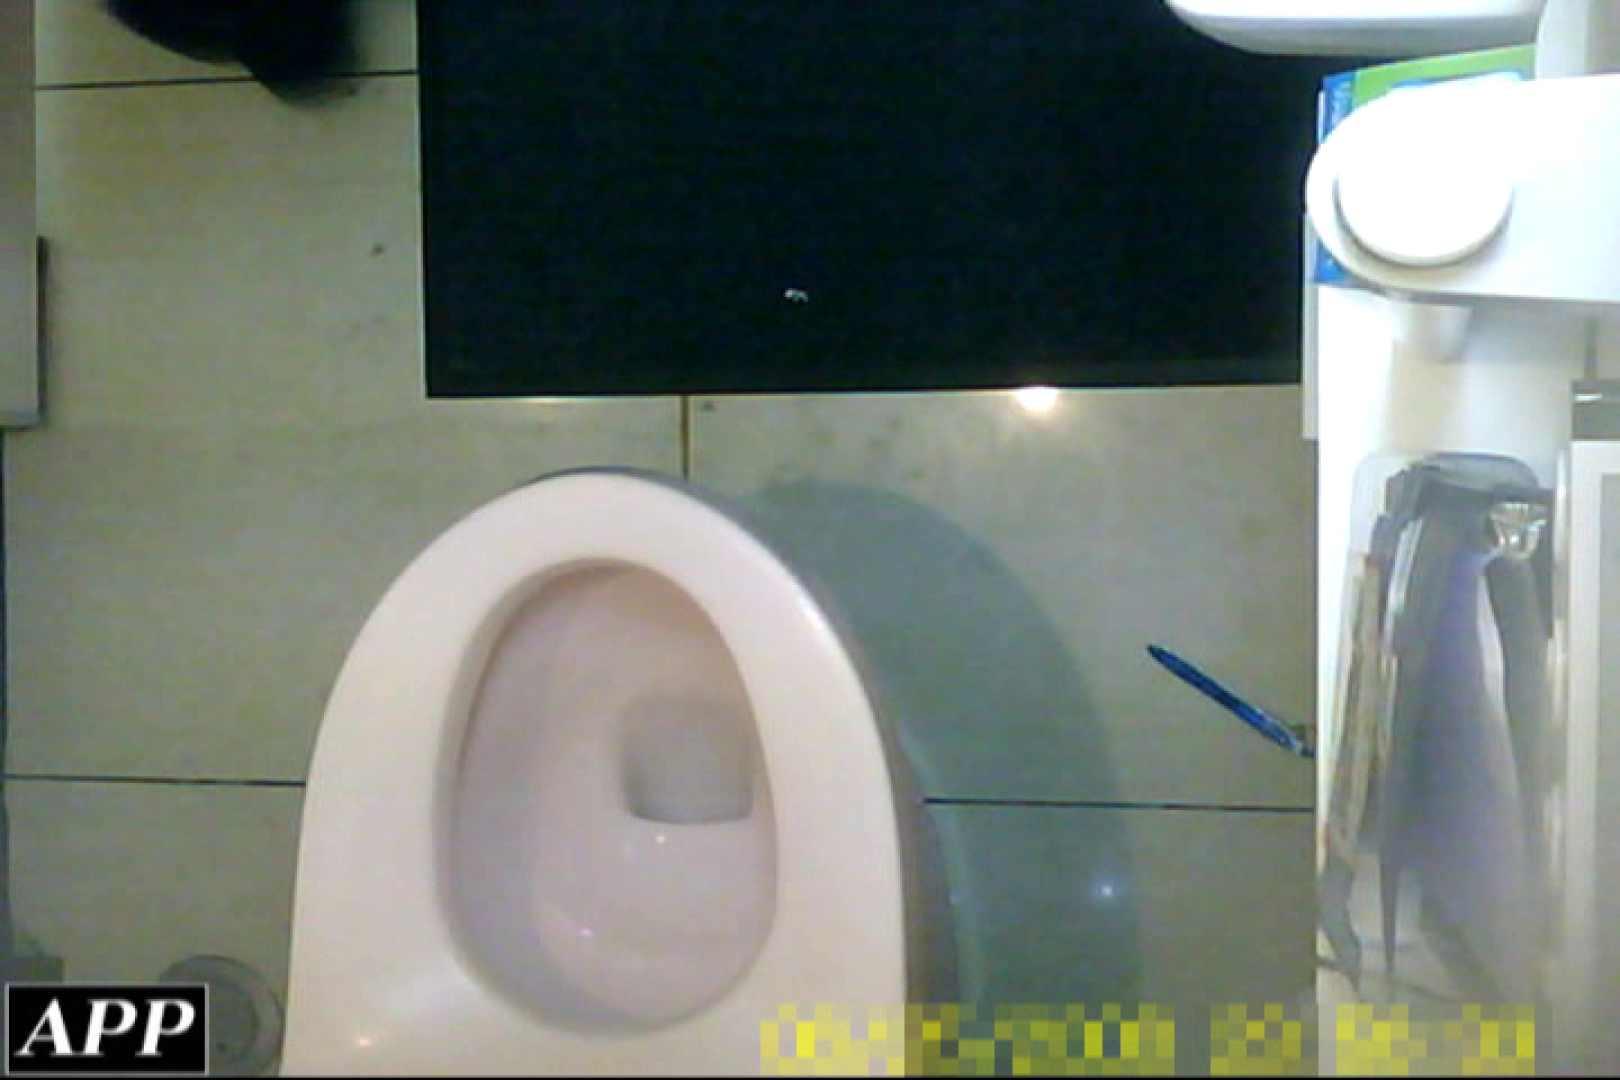 3視点洗面所 vol.64 マンコエロすぎ SEX無修正画像 112PIX 12